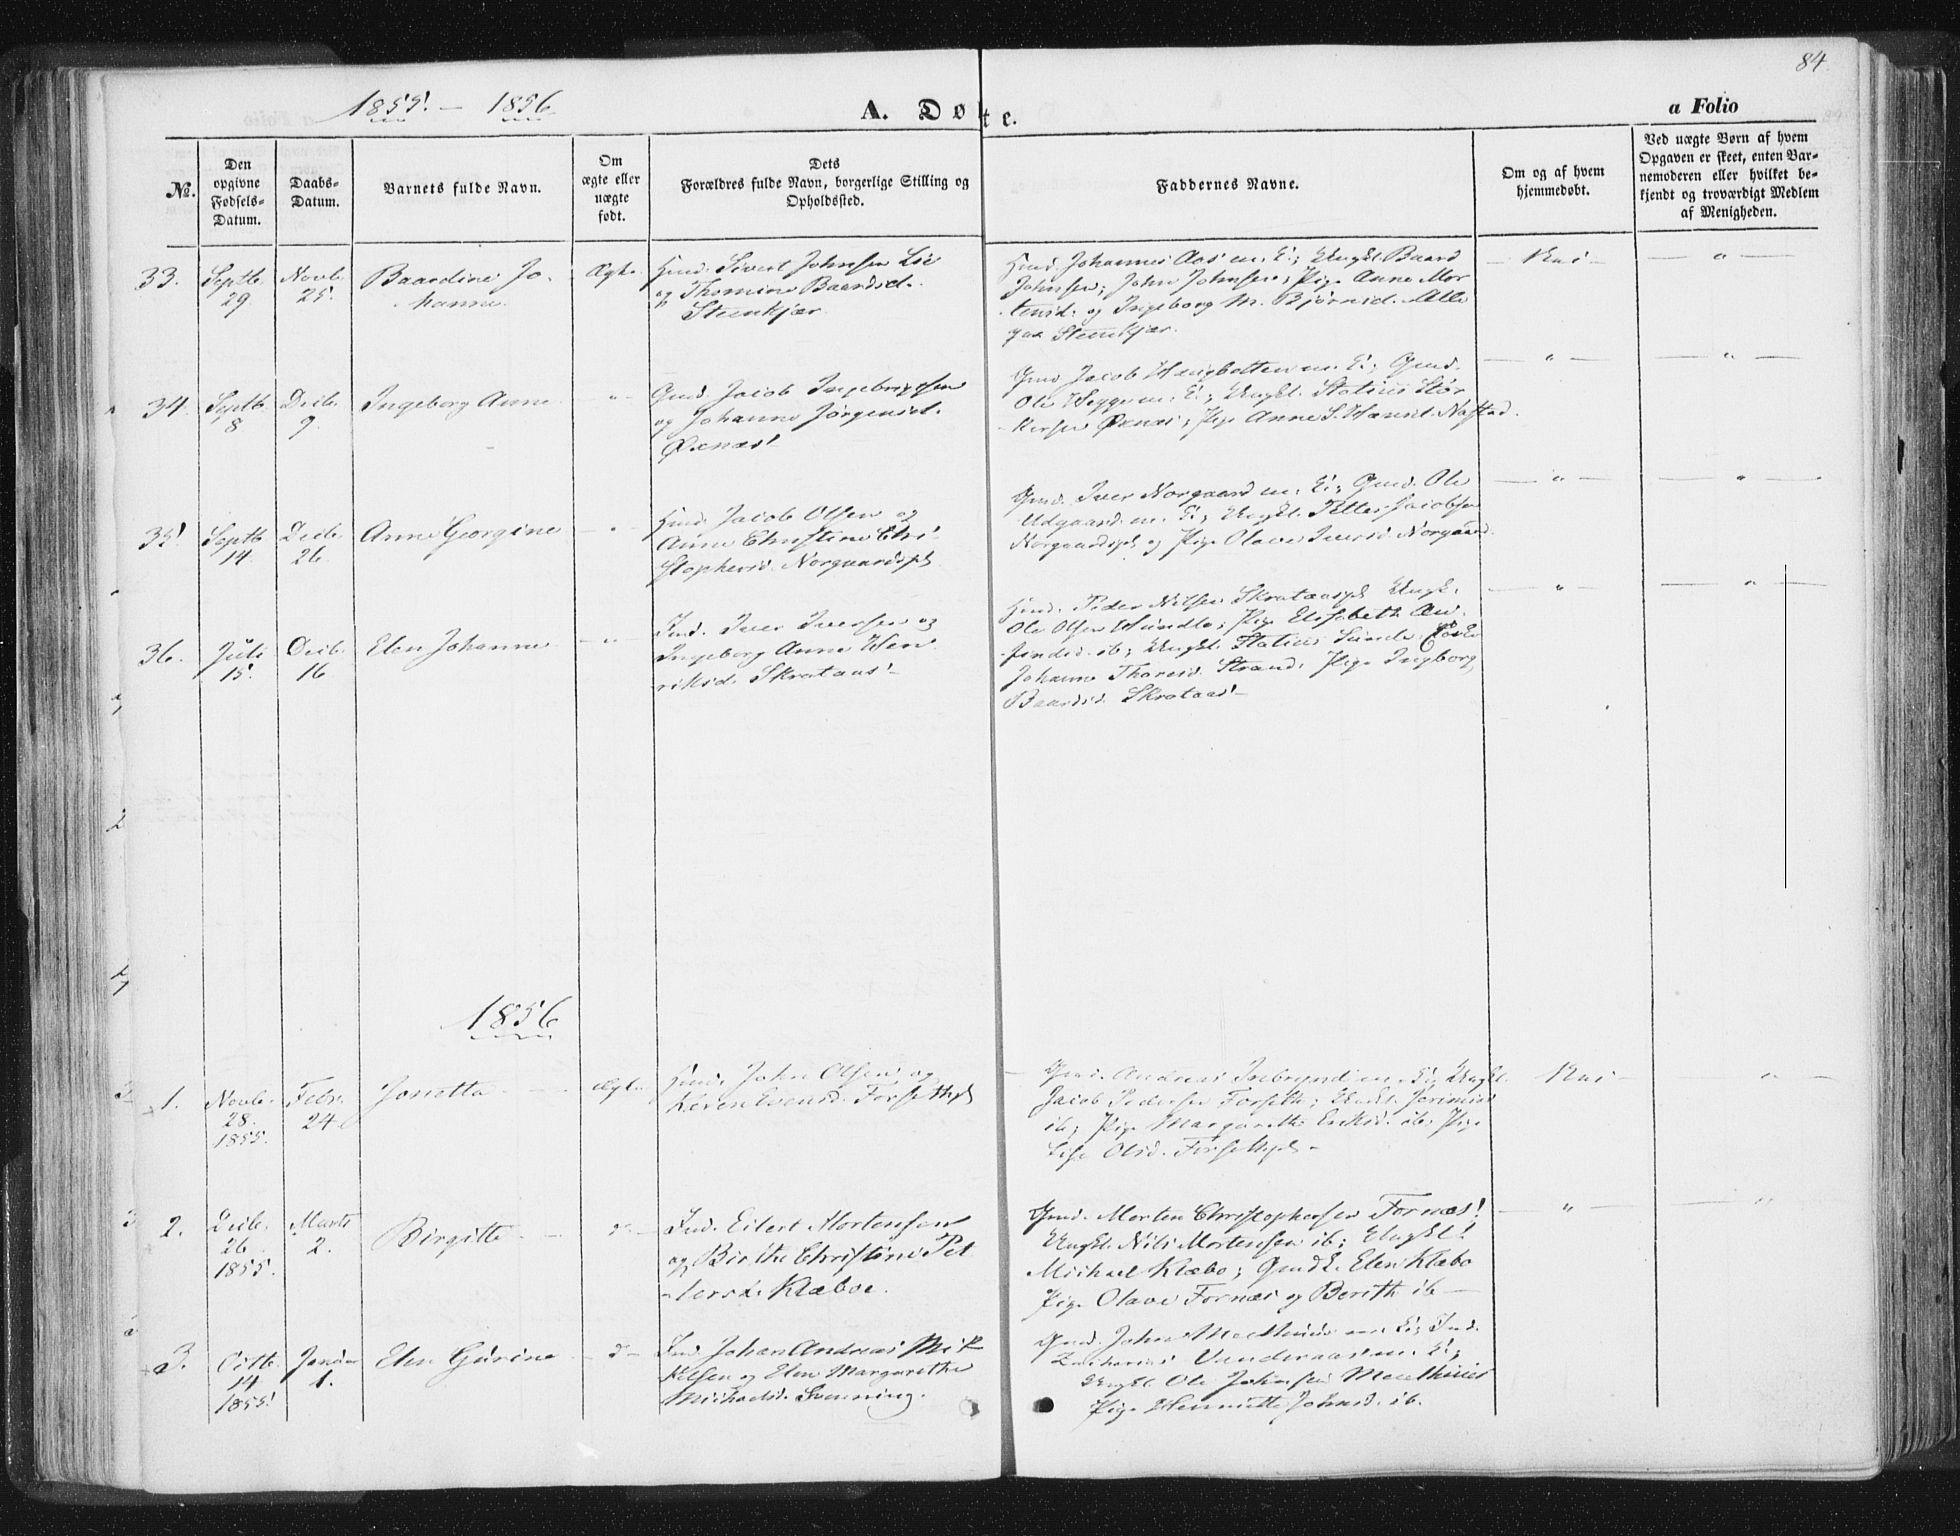 SAT, Ministerialprotokoller, klokkerbøker og fødselsregistre - Nord-Trøndelag, 746/L0446: Ministerialbok nr. 746A05, 1846-1859, s. 84